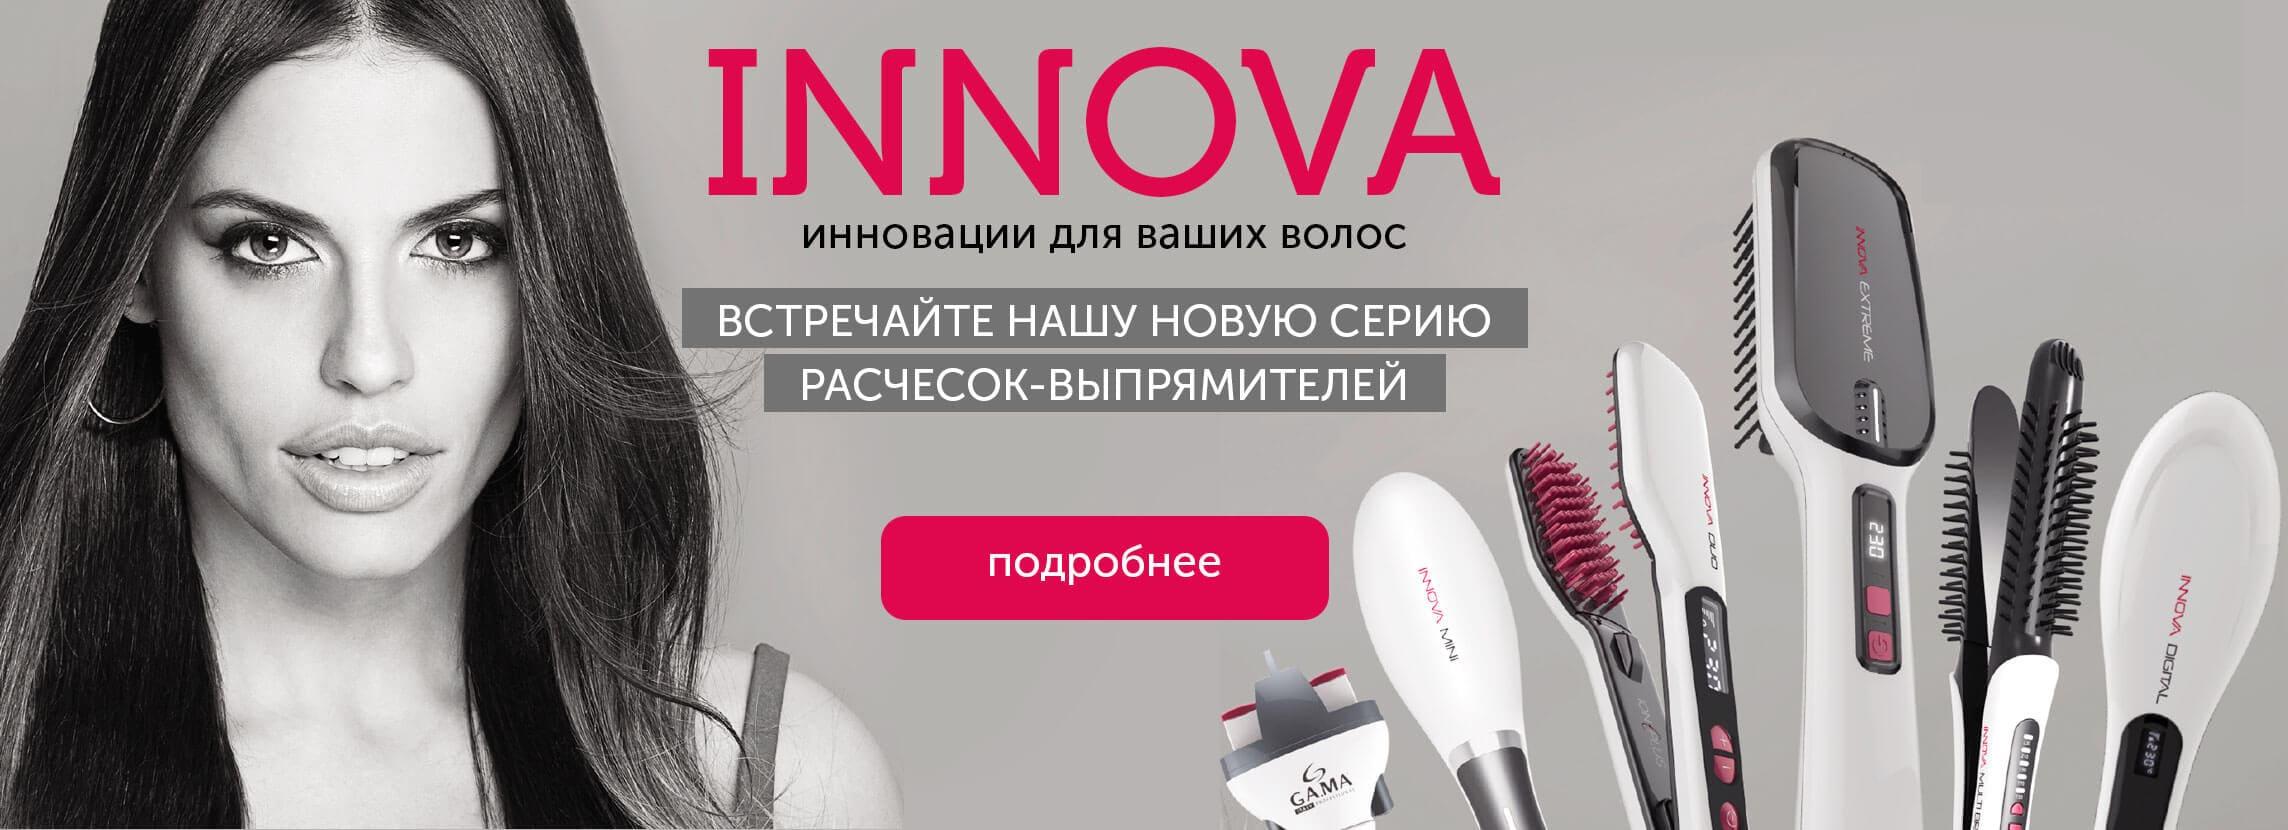 1578900500_1_innova-sl.jpg